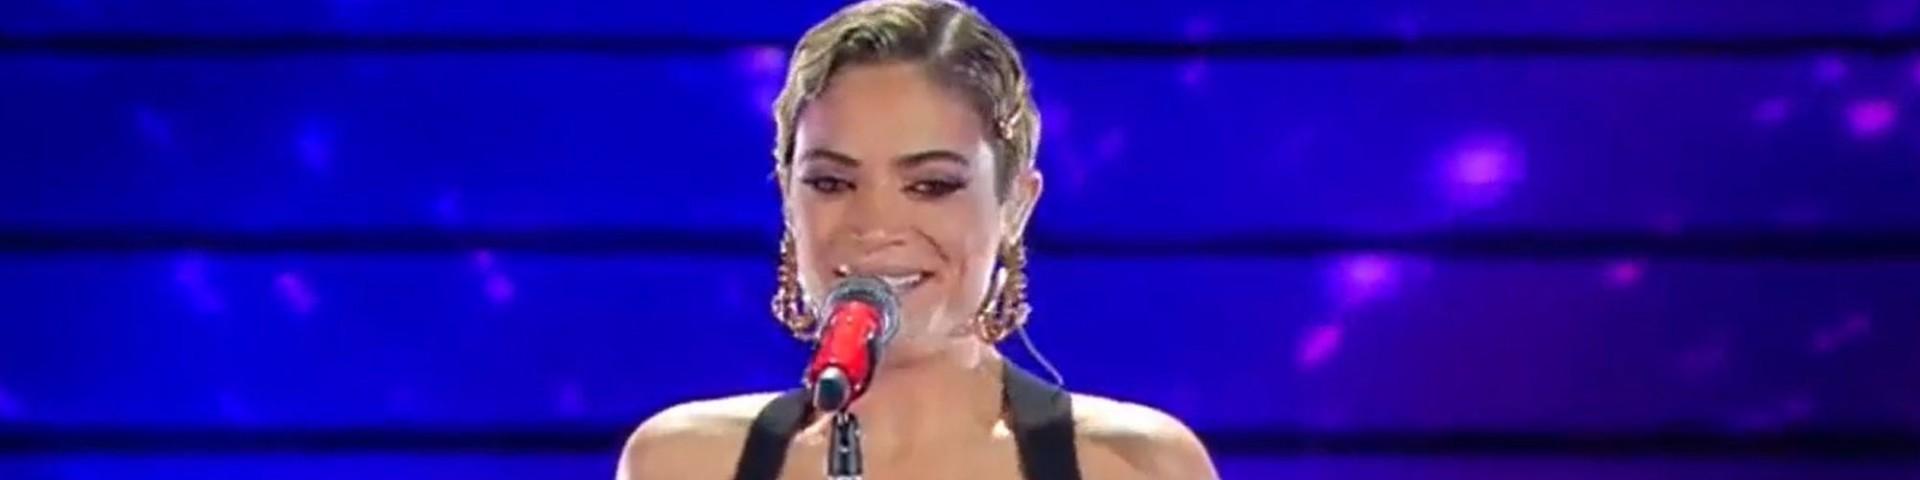 Elodie a Sanremo 2020: look ed esibizione in finale (Foto e Video)